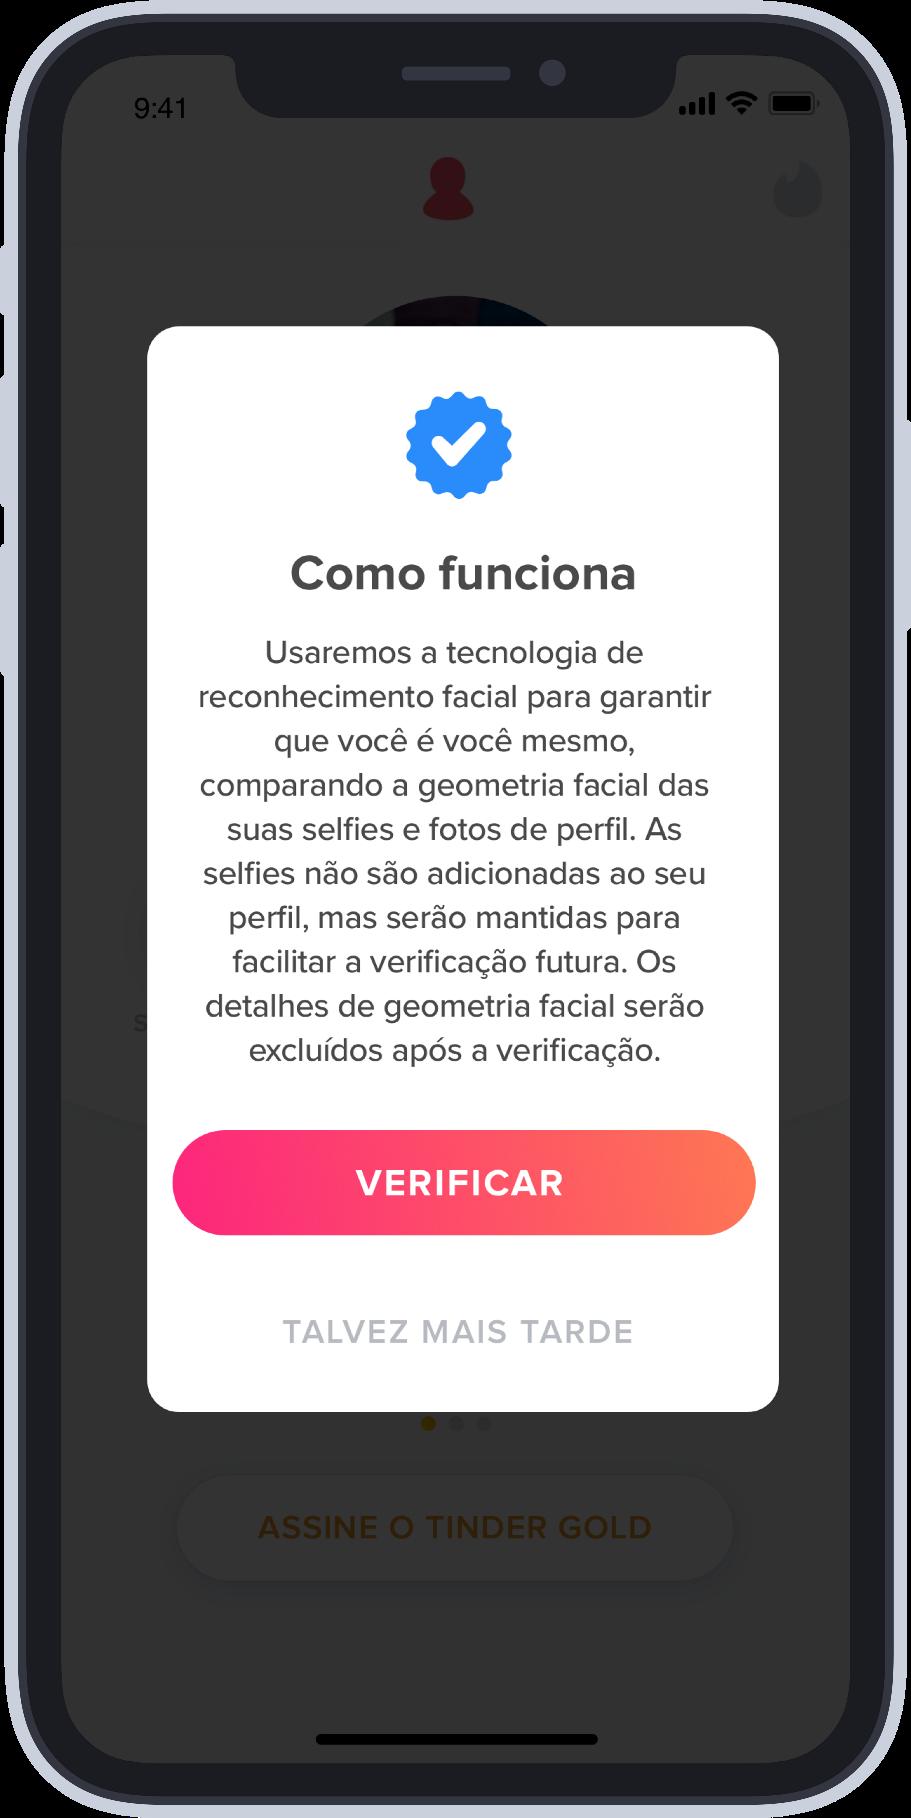 Saiba como conseguir selo de verificação no Tinder